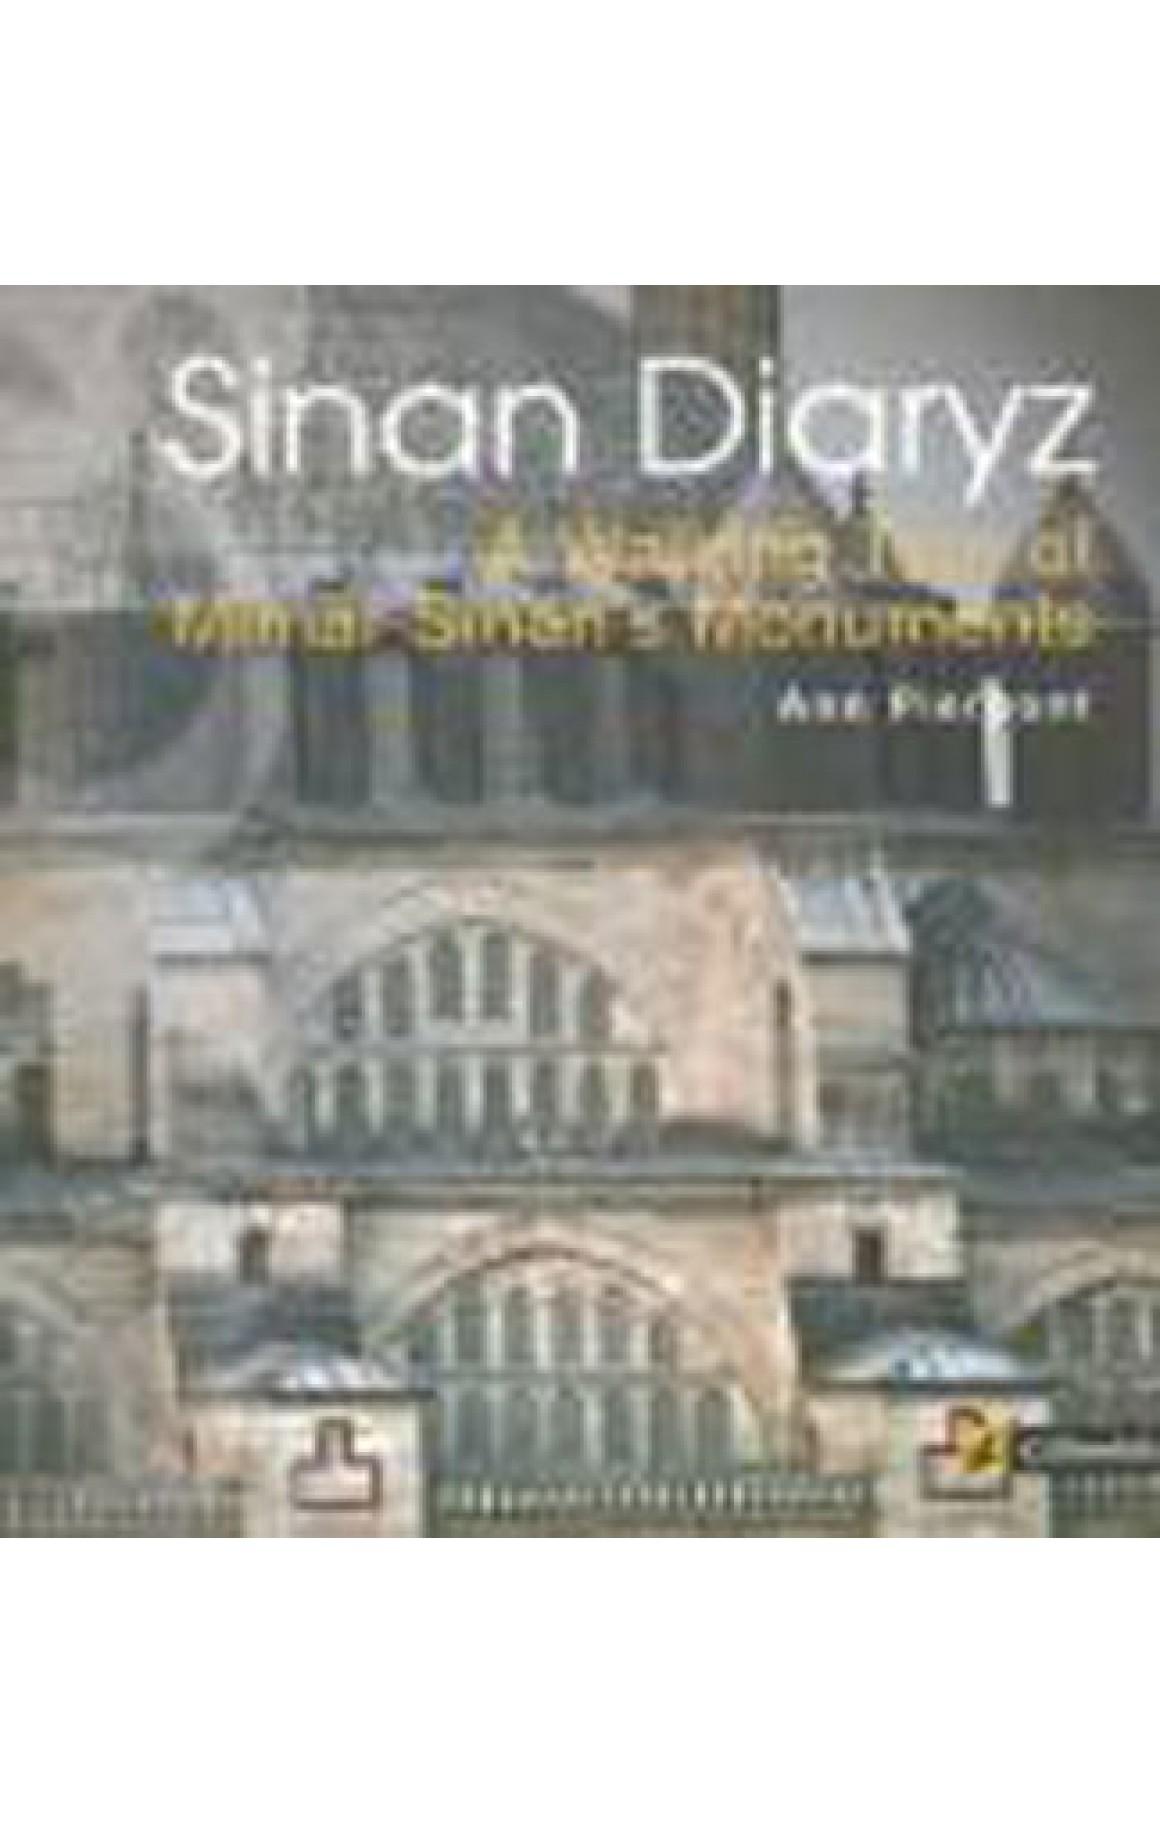 Sinan Diaryz - A Walking Tour of Mimar Sinans Monuments (Sinan Günlüğü)